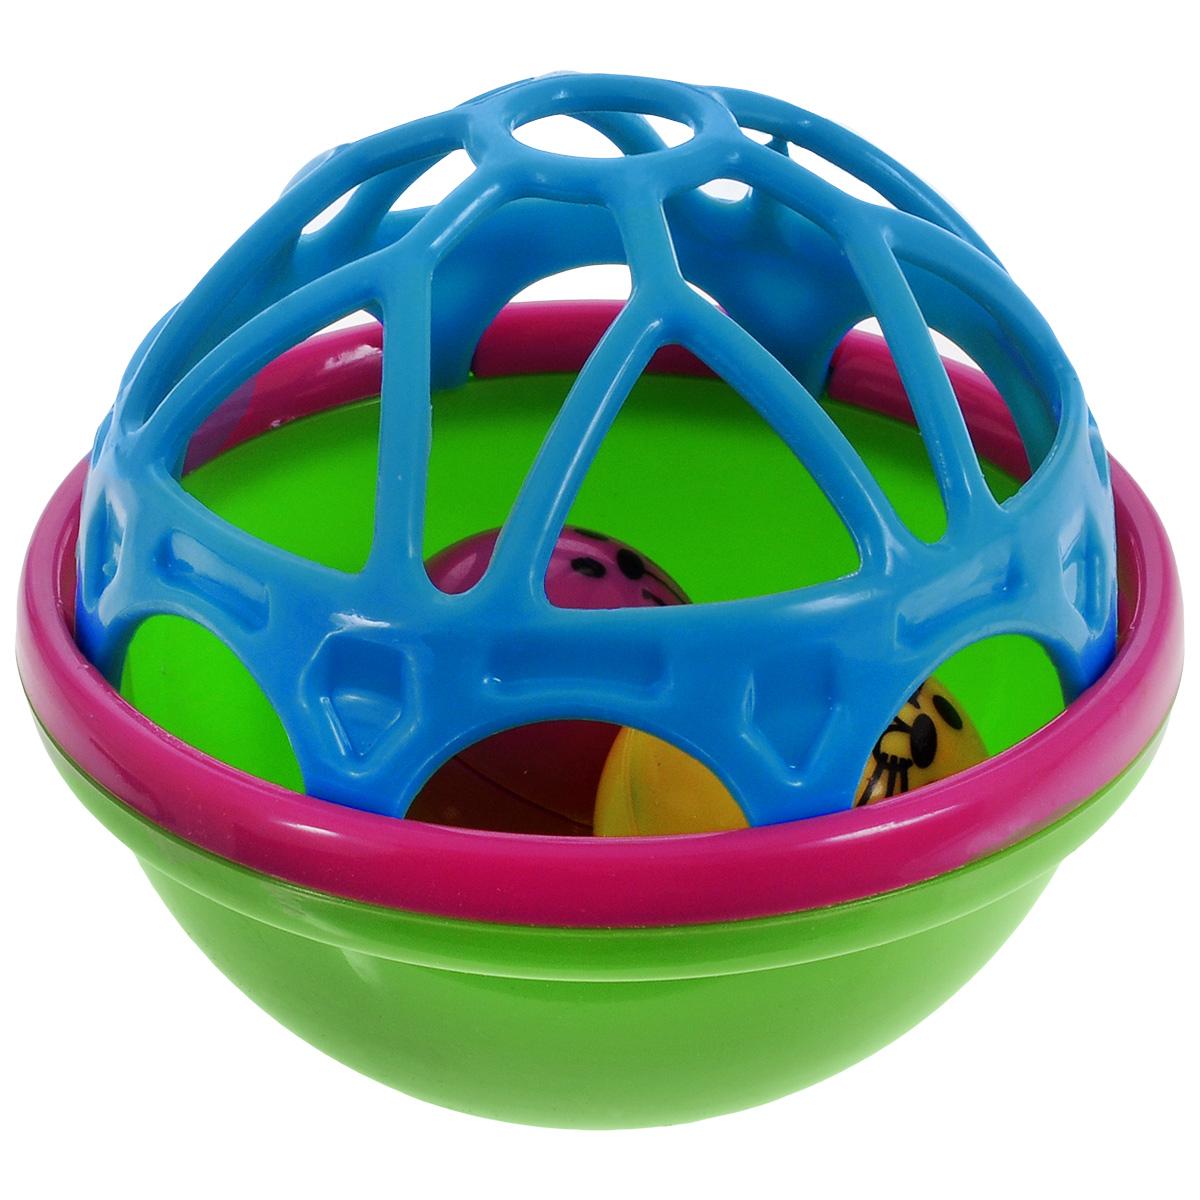 Погремушка для ванной Mioshi Лучшие друзьяTY9066Благодаря игрушке для ванной Mioshi Лучшие друзья обычное купание можно превратить в увлекательную игру! Яркая погремушка Лучшие друзья поможет вашему малышу научится фокусировать внимание, даст первые представления о категориях формы и цвета, поспособствует развитию слуха, зрения и мелкой моторики. Игрушка приятна на ощупь и имеет удобную для захвата маленькими пальчиками эргономичную форму. Забавные гремящие звуки издают шарики, вращающиеся в центре погремушки. Выполнена погремушка из прочного, экологически чистого и высококачественного материала, абсолютно безопасного для детской игры.